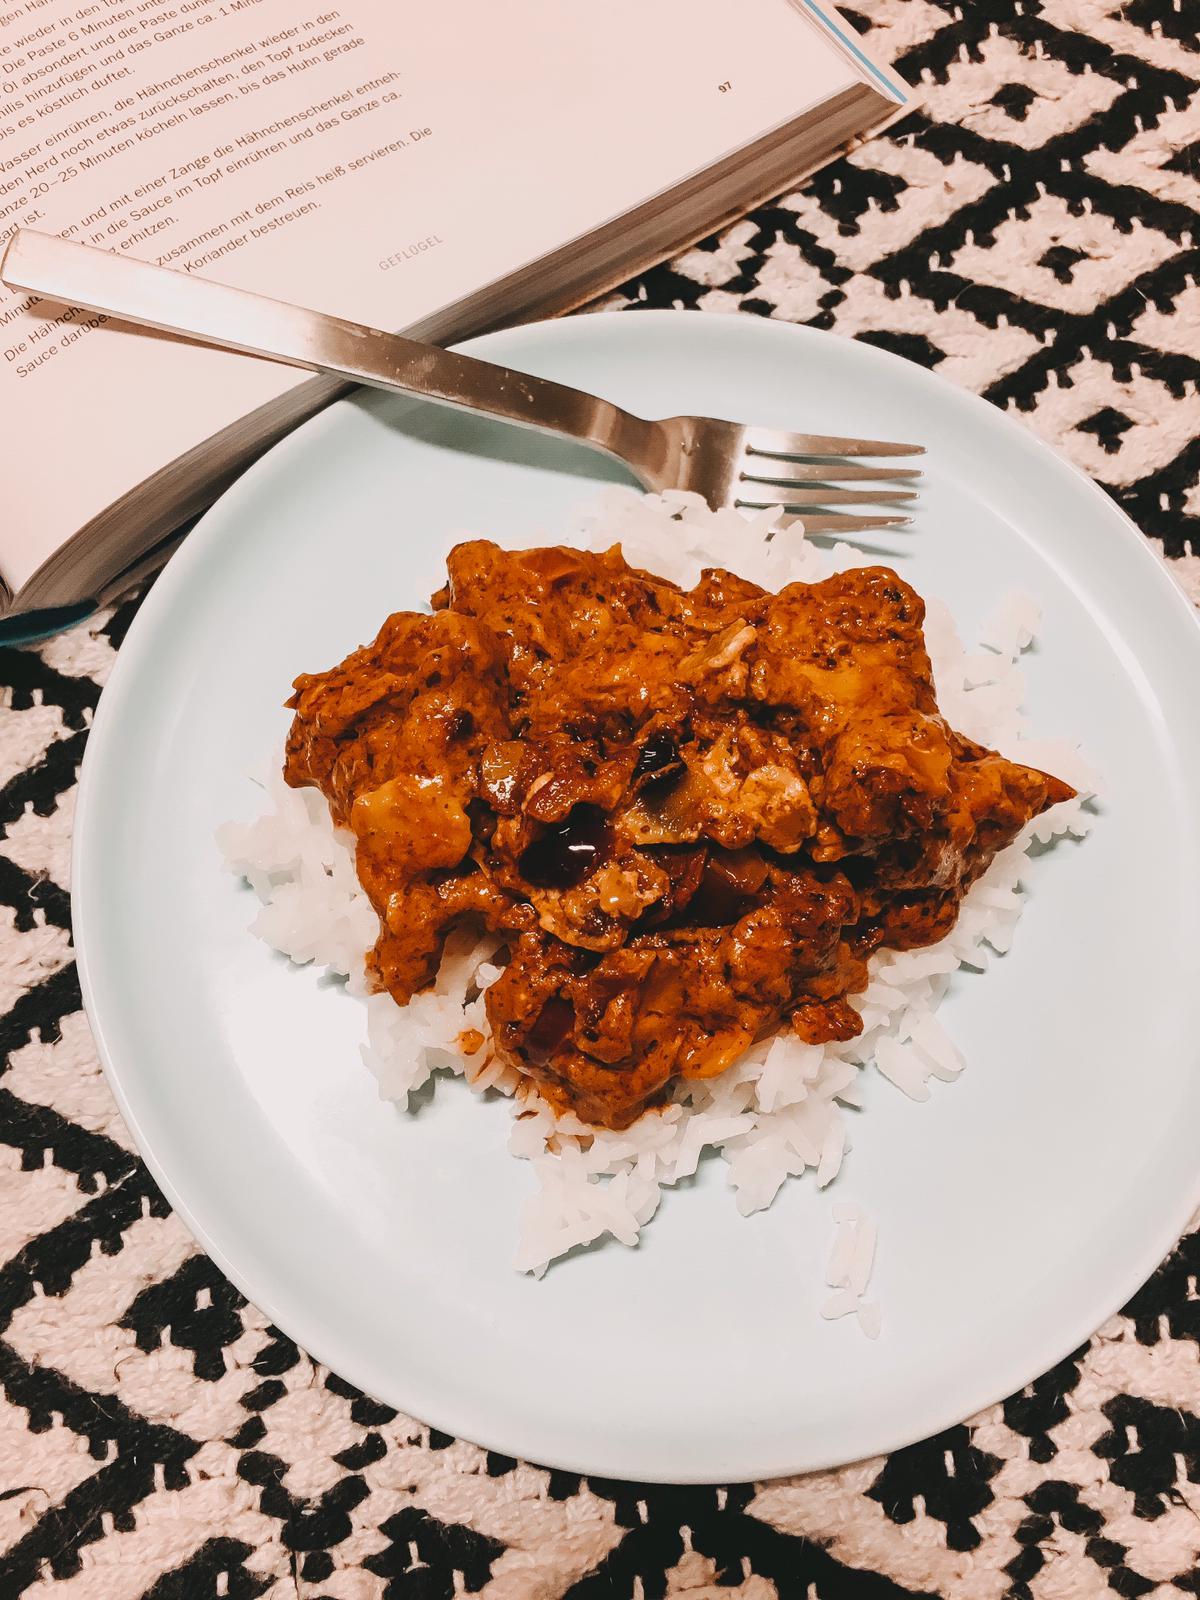 """Die Kochbuecher """"Ultimativ Tasty"""" und """"Mit dem Little Library Cookbook durch neue Jahr"""" von Kate Young machen Appetit und Lust auf kreative Kochprojekte."""